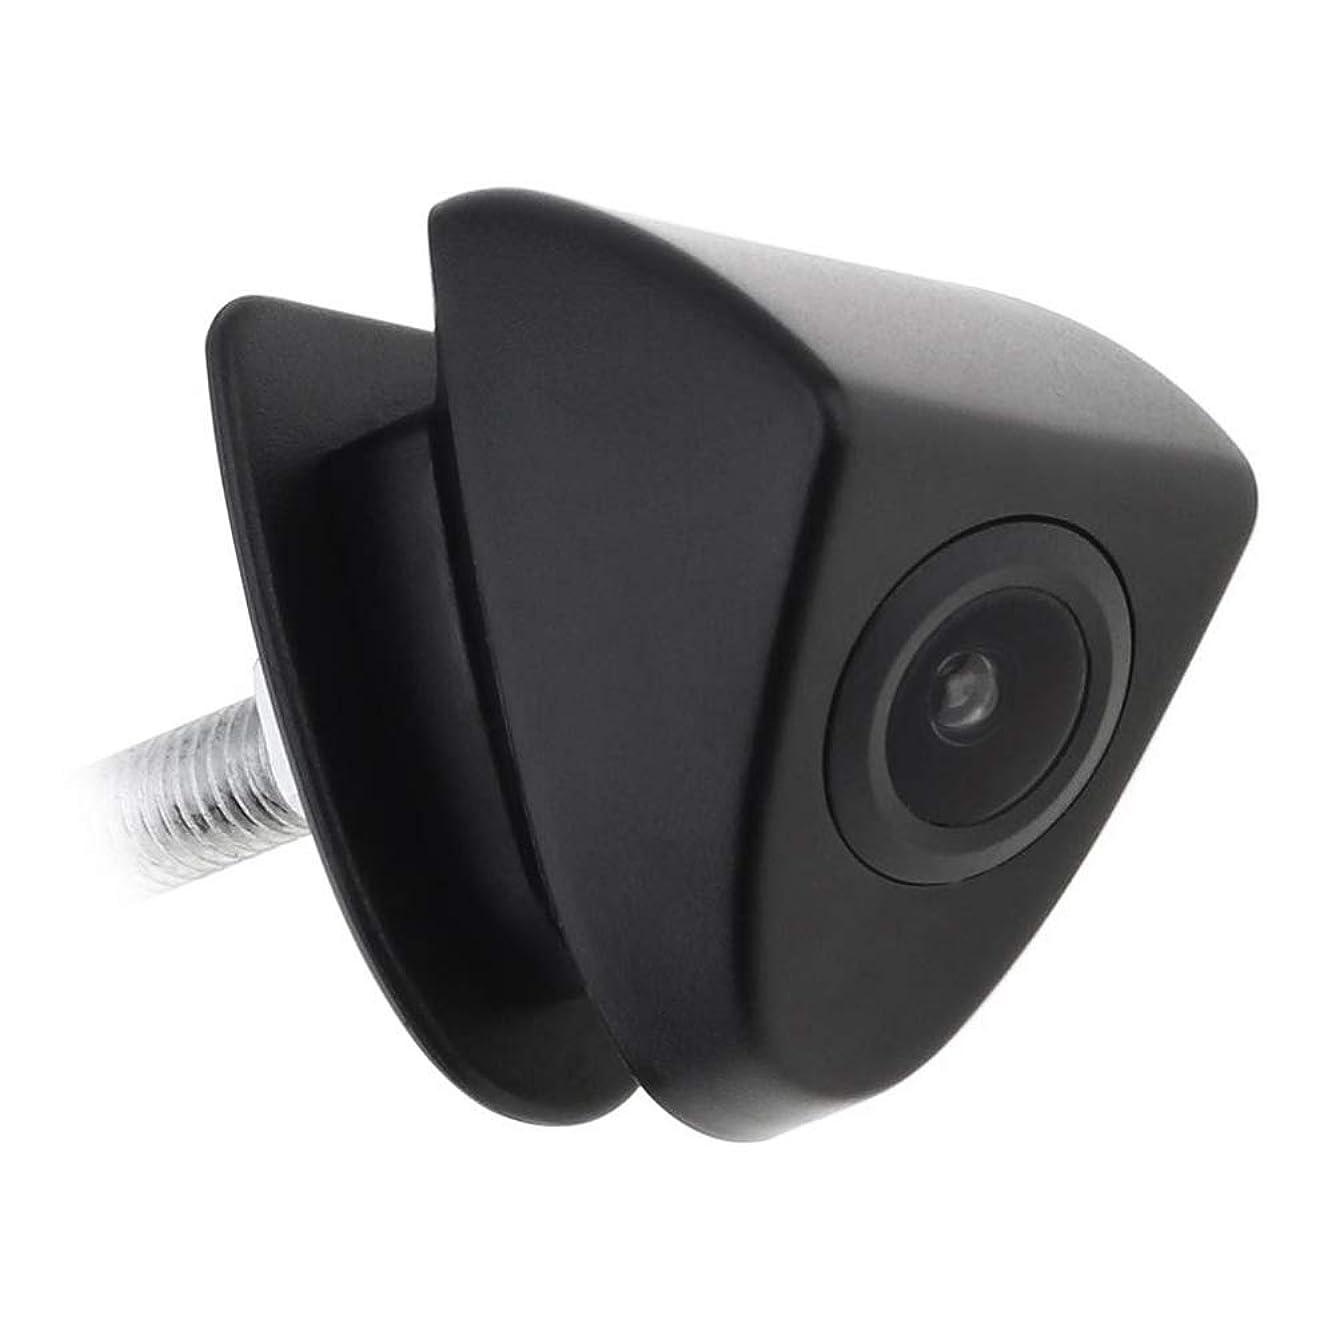 流用する申請者びっくりSODIAL 自動車用前面視野のHdナイトビジョン埋め込み式カメラ、トヨタ用